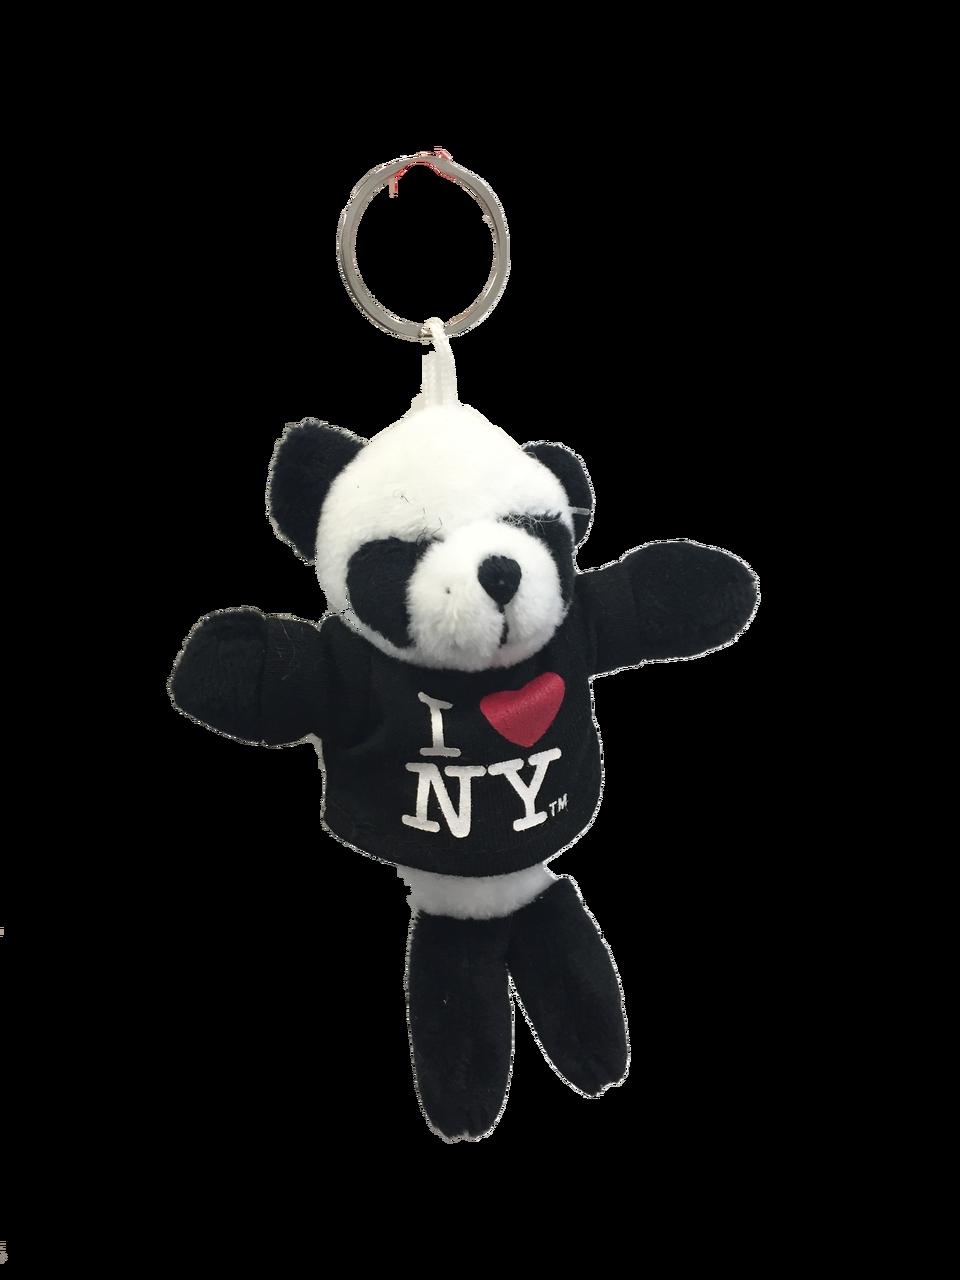 I Love NY Panda Bear Plush Key Chain photo